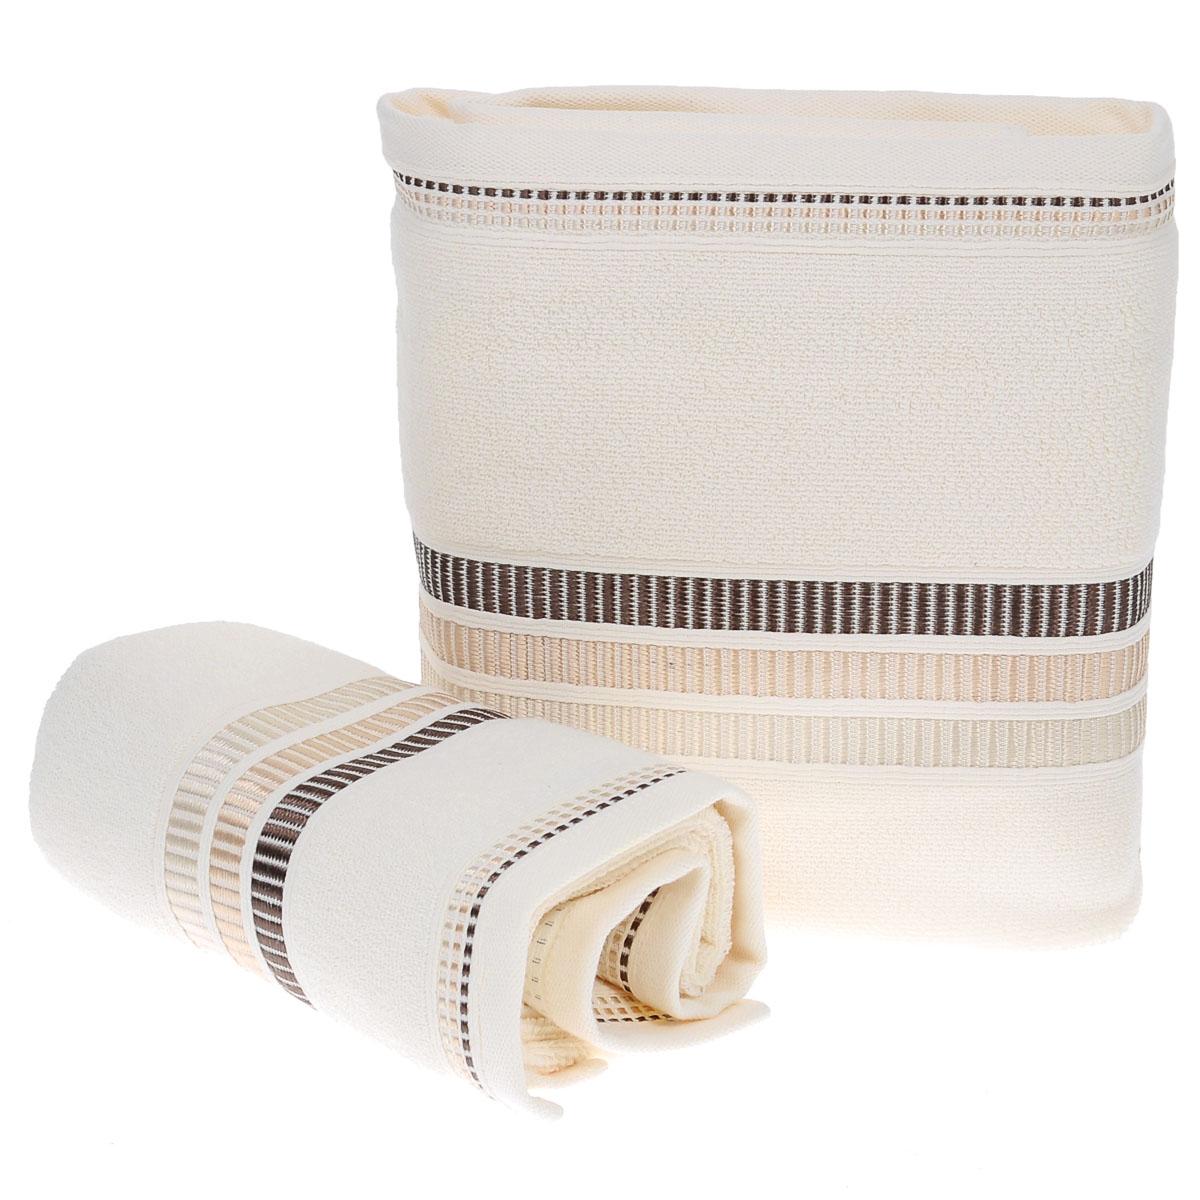 Набор махровых полотенец Coronet Пиано, цвет: молочный, 2 шт. Б-МП-2020-15-08-рБ-МП-2020-15-08-рПодарочный набор Coronet Пиано состоит из двух полотенец разного размера, выполненных из натуральной махровой ткани. Полотенца украшены изящным декоративным тиснением. Мягкие и уютные, они прекрасно впитывают влагу и легко стираются. Такой набор подарит вам мягкость и необыкновенный комфорт в использовании. Благодаря высокому качеству изготовления, полотенце будет радовать многие годы. Полотенца упакованы в подарочную коробку и станут приятным и полезным подарком вашим друзьям и близким.